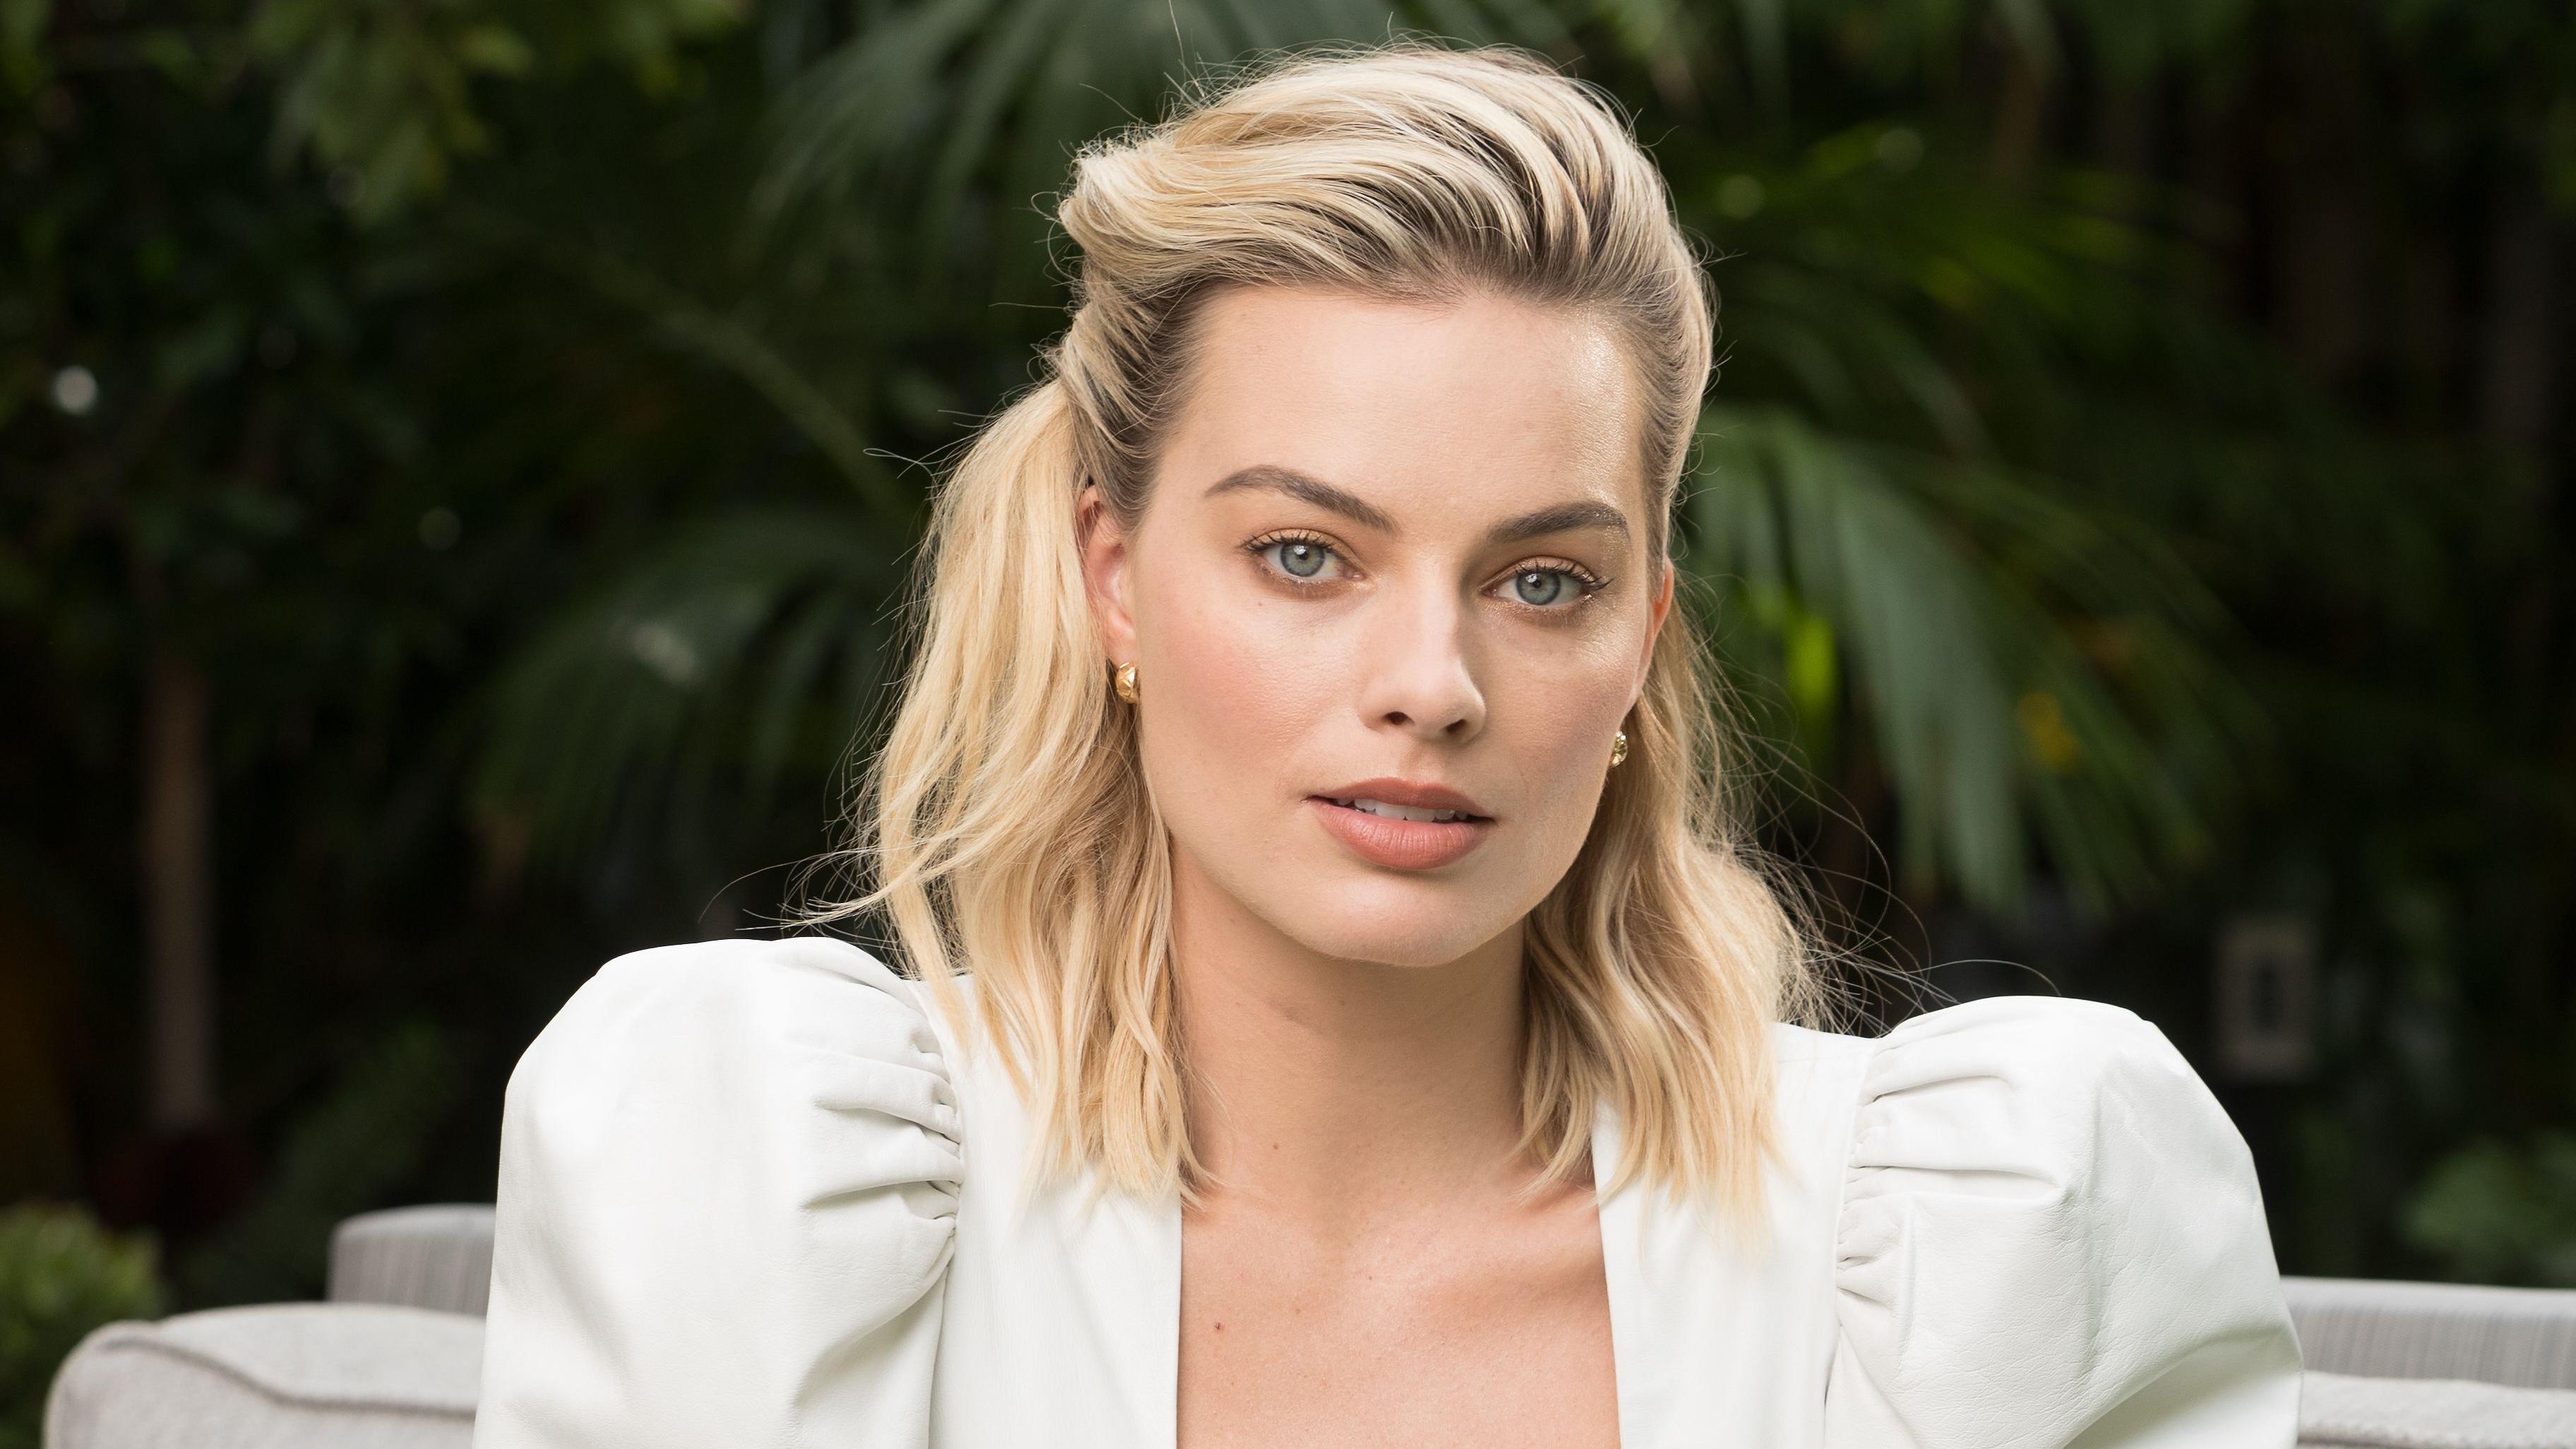 2019 Margot Robbie New, HD Celebrities, 4k Wallpapers ...